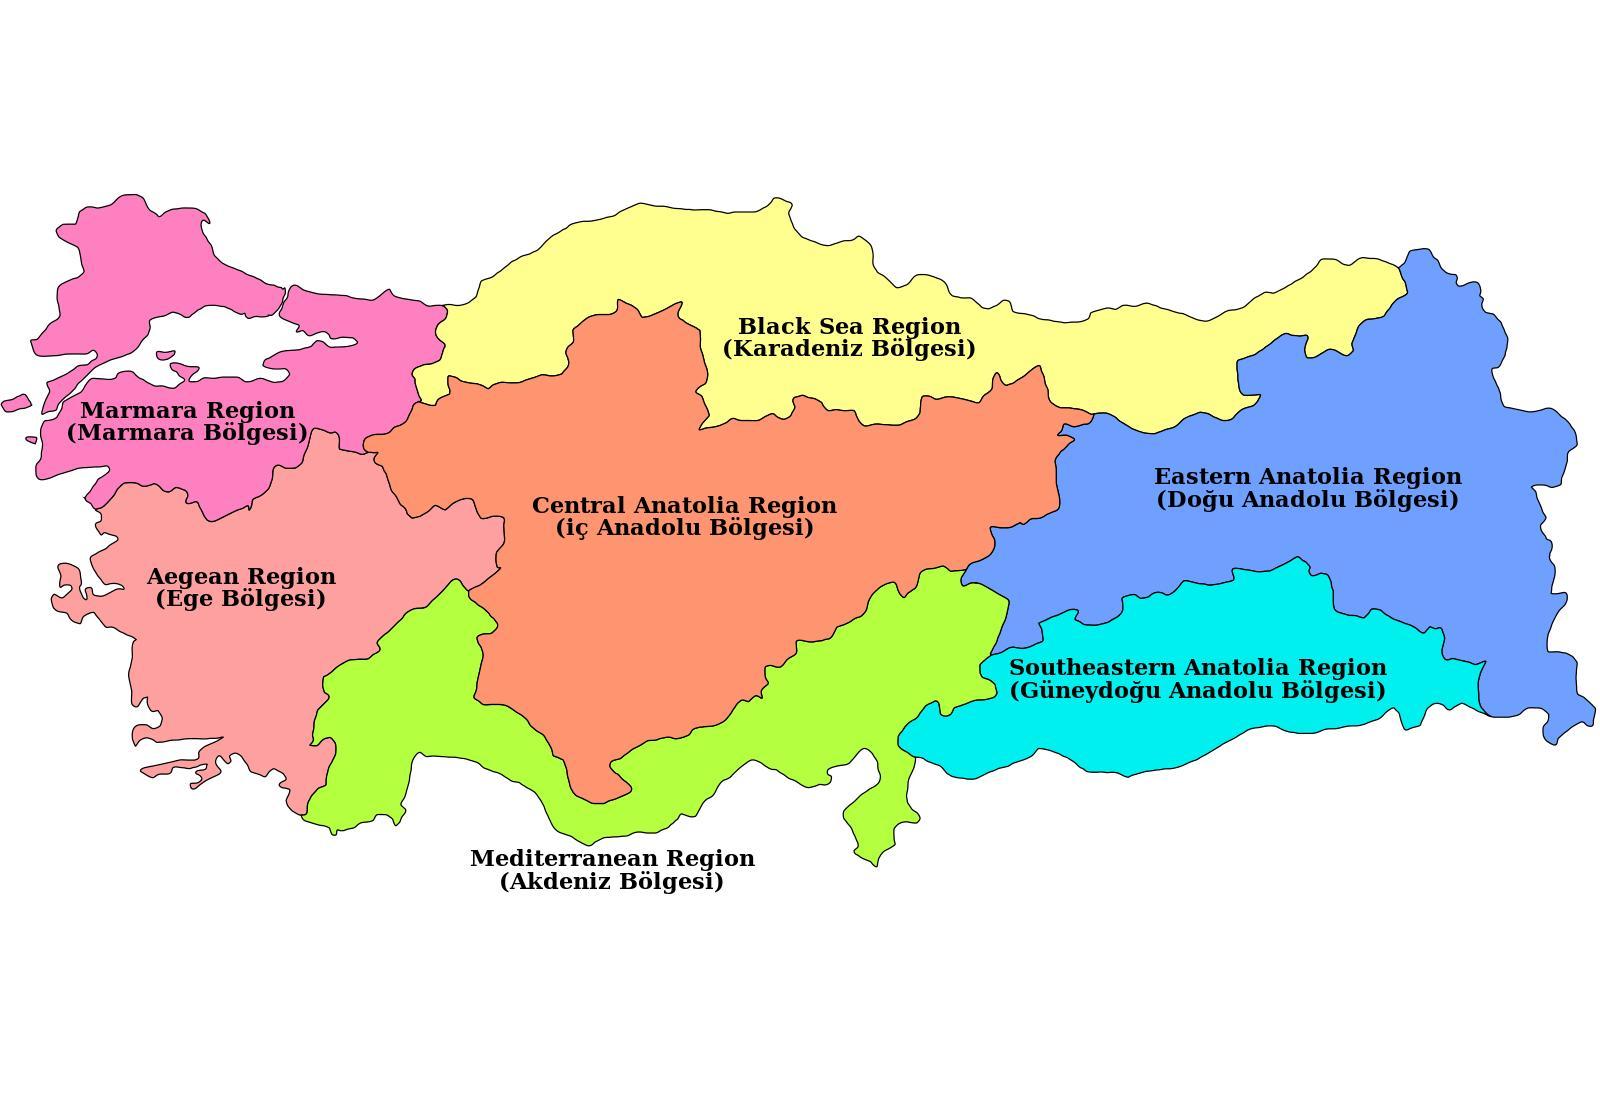 västra asien karta Turkiet regionen karta   Karta över Turkiet regionen (Västra Asien  västra asien karta